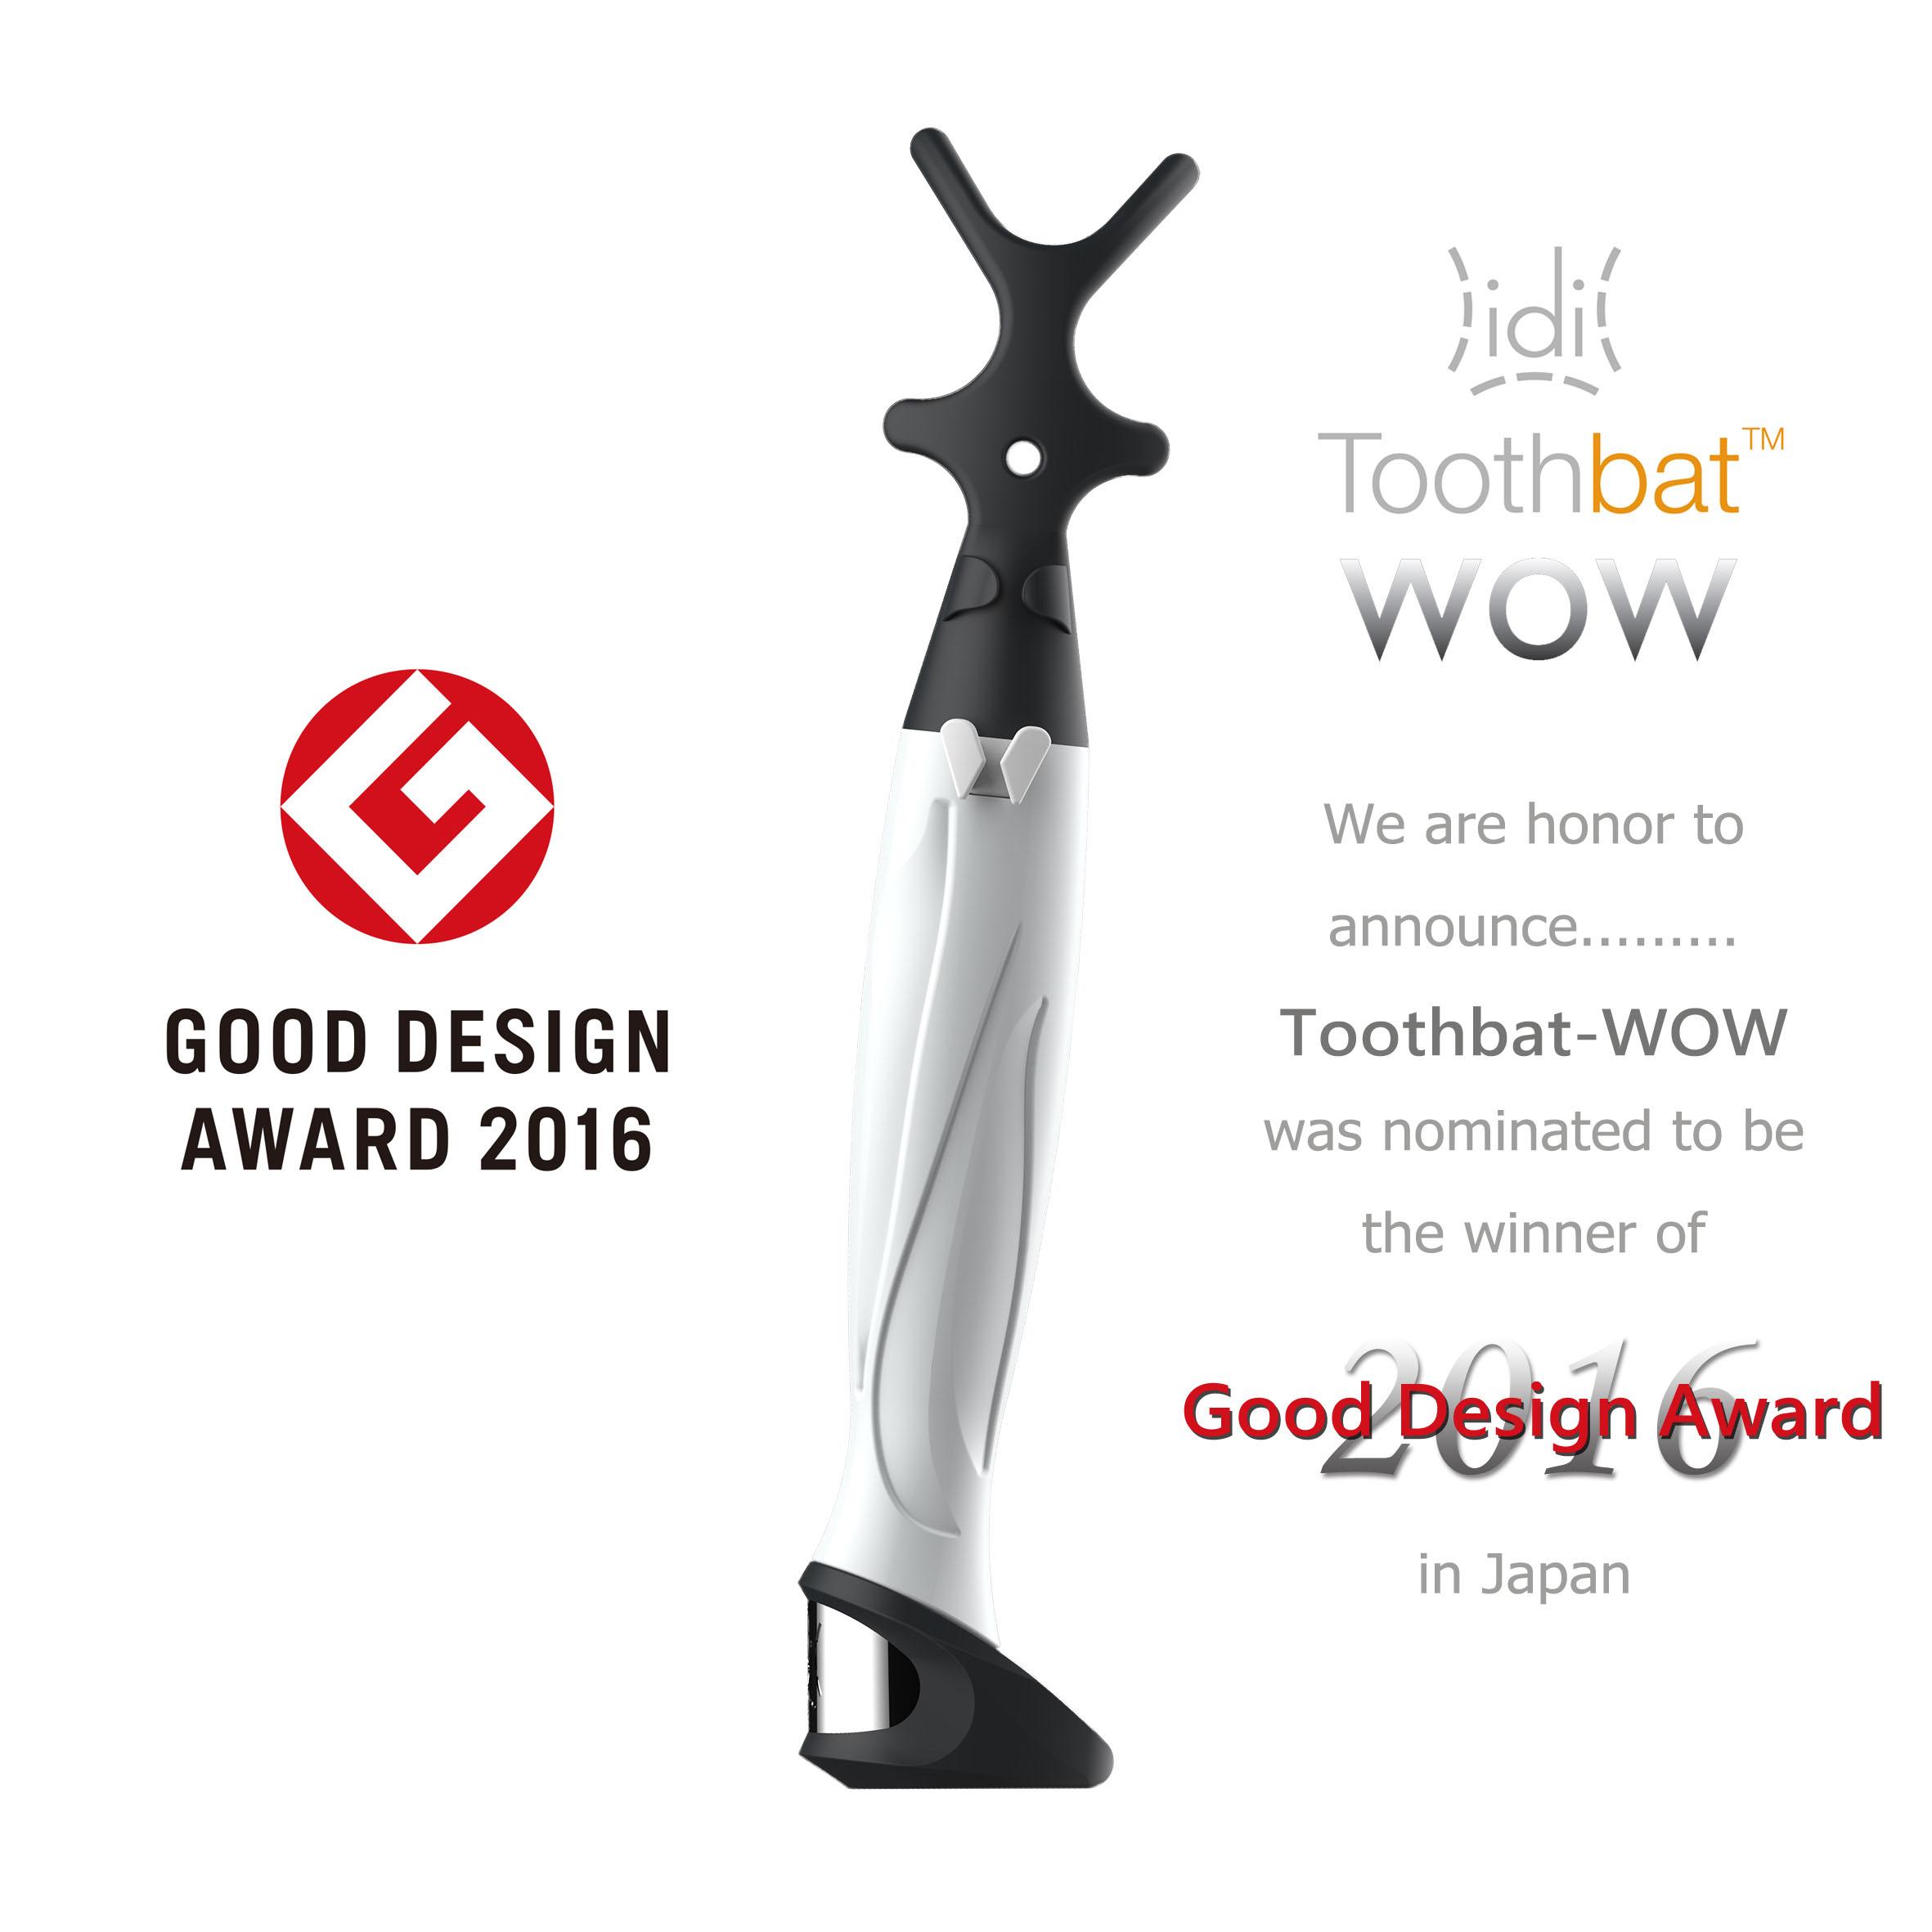 good design award 2016 toothbat. Black Bedroom Furniture Sets. Home Design Ideas